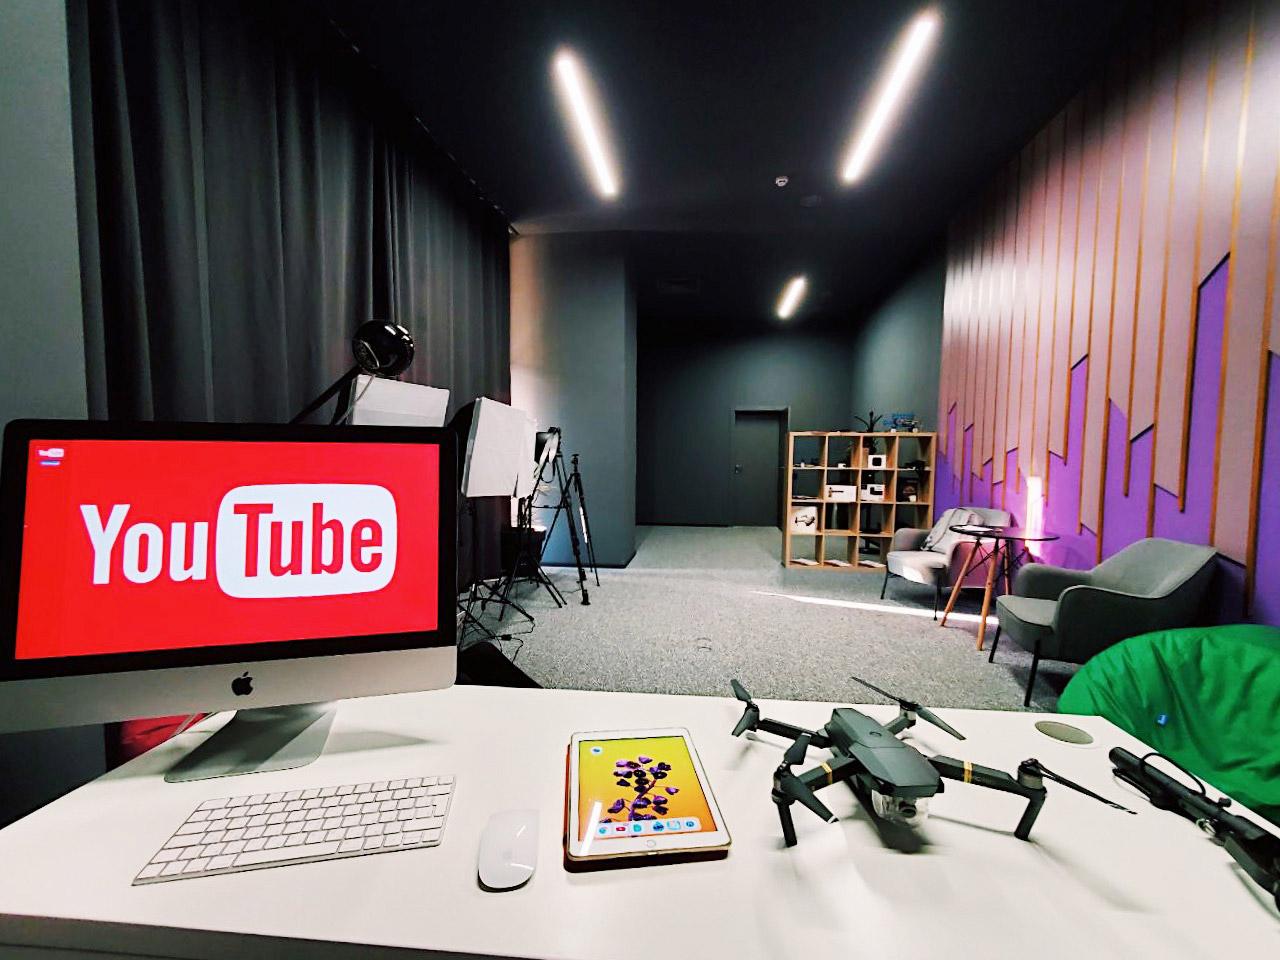 Аудитория Цитрус Академии по YouTube-блогерству.